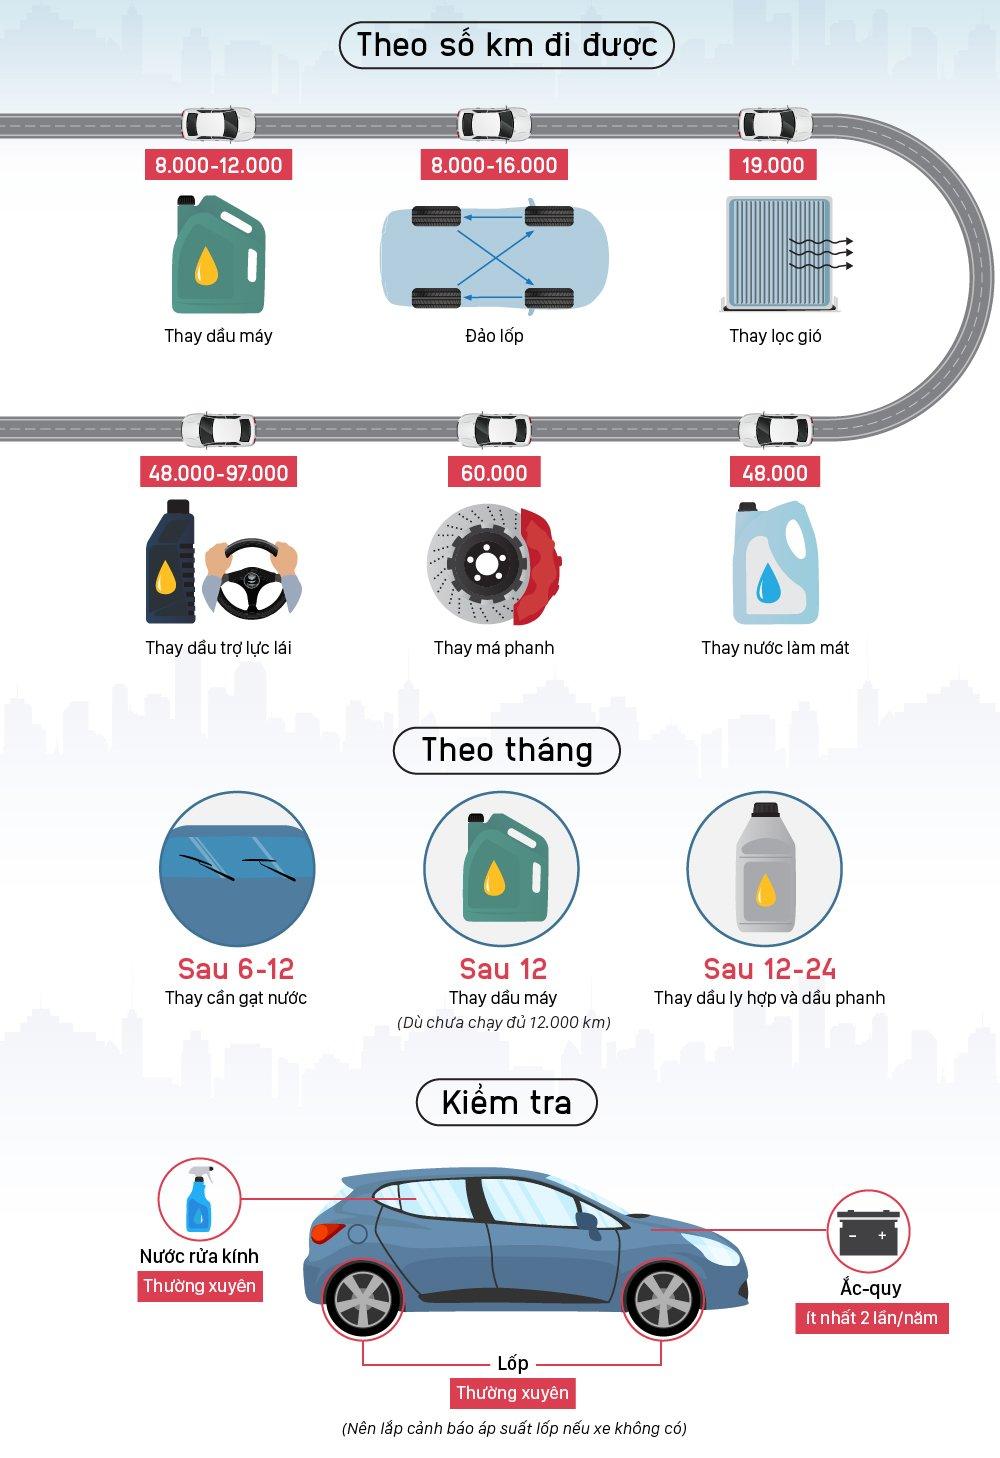 Chi tiết các mốc bảo dưỡng ô tô bạn cần nhớ.